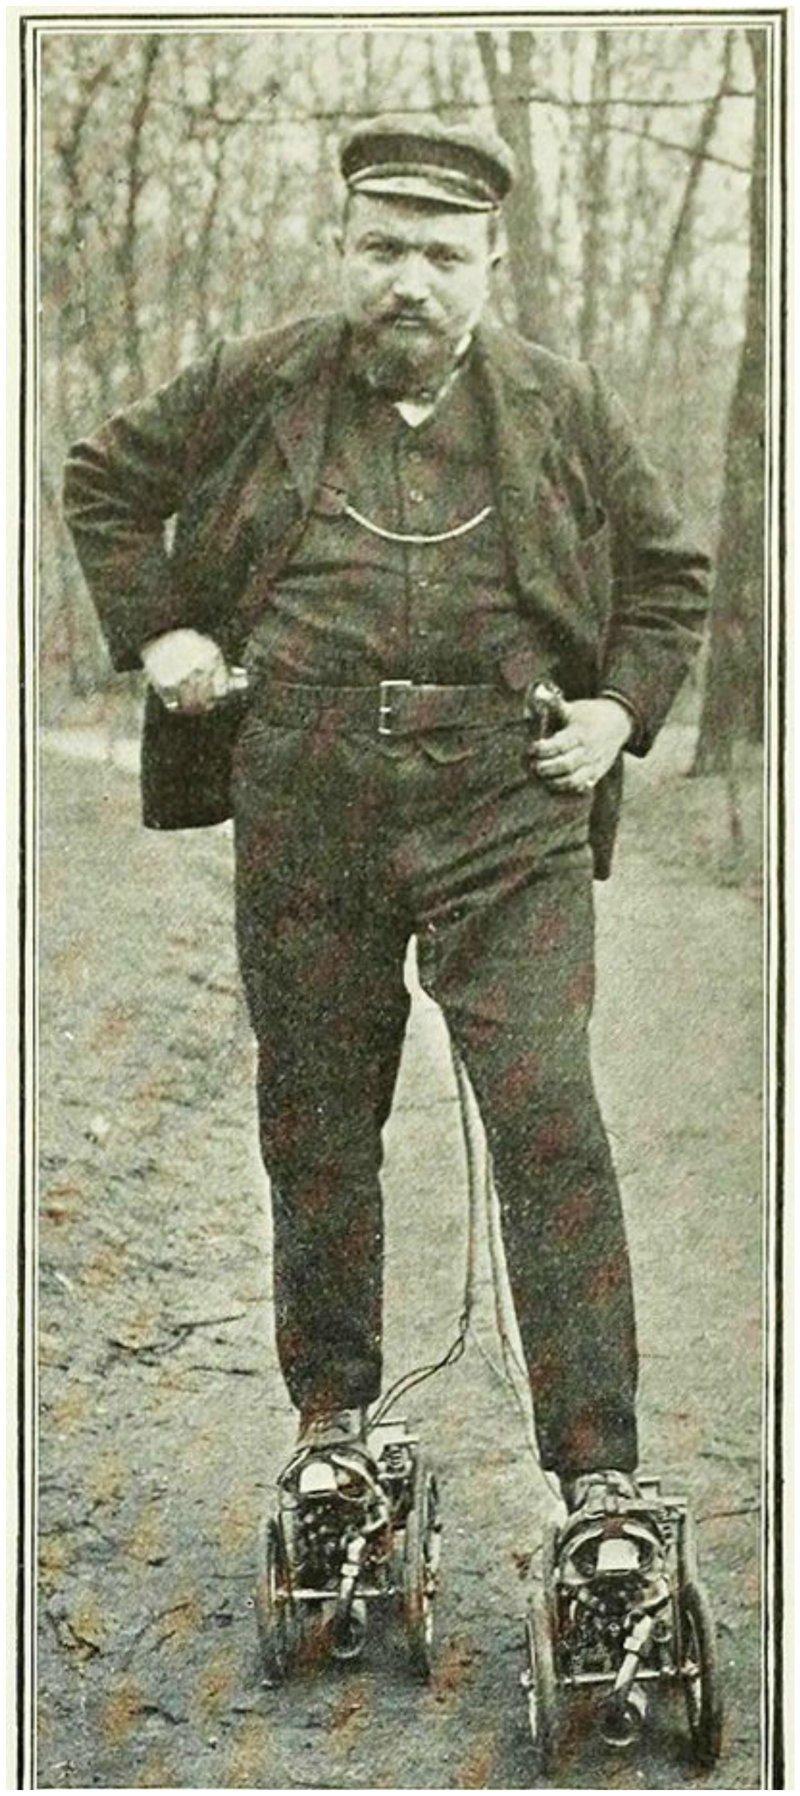 Роликовые коньки в начале 19-го века не были похожи на современные. Коньки с попарным расположением колес, квады, впервые появились в 1863 году в Нью-Йорке и были разработаны Джеймсом Леонардом Плимптоном (англ. James Leonard Plimpton) изобретения, интересное, коньки, прадедушка, ролики, сигвей, старые фото